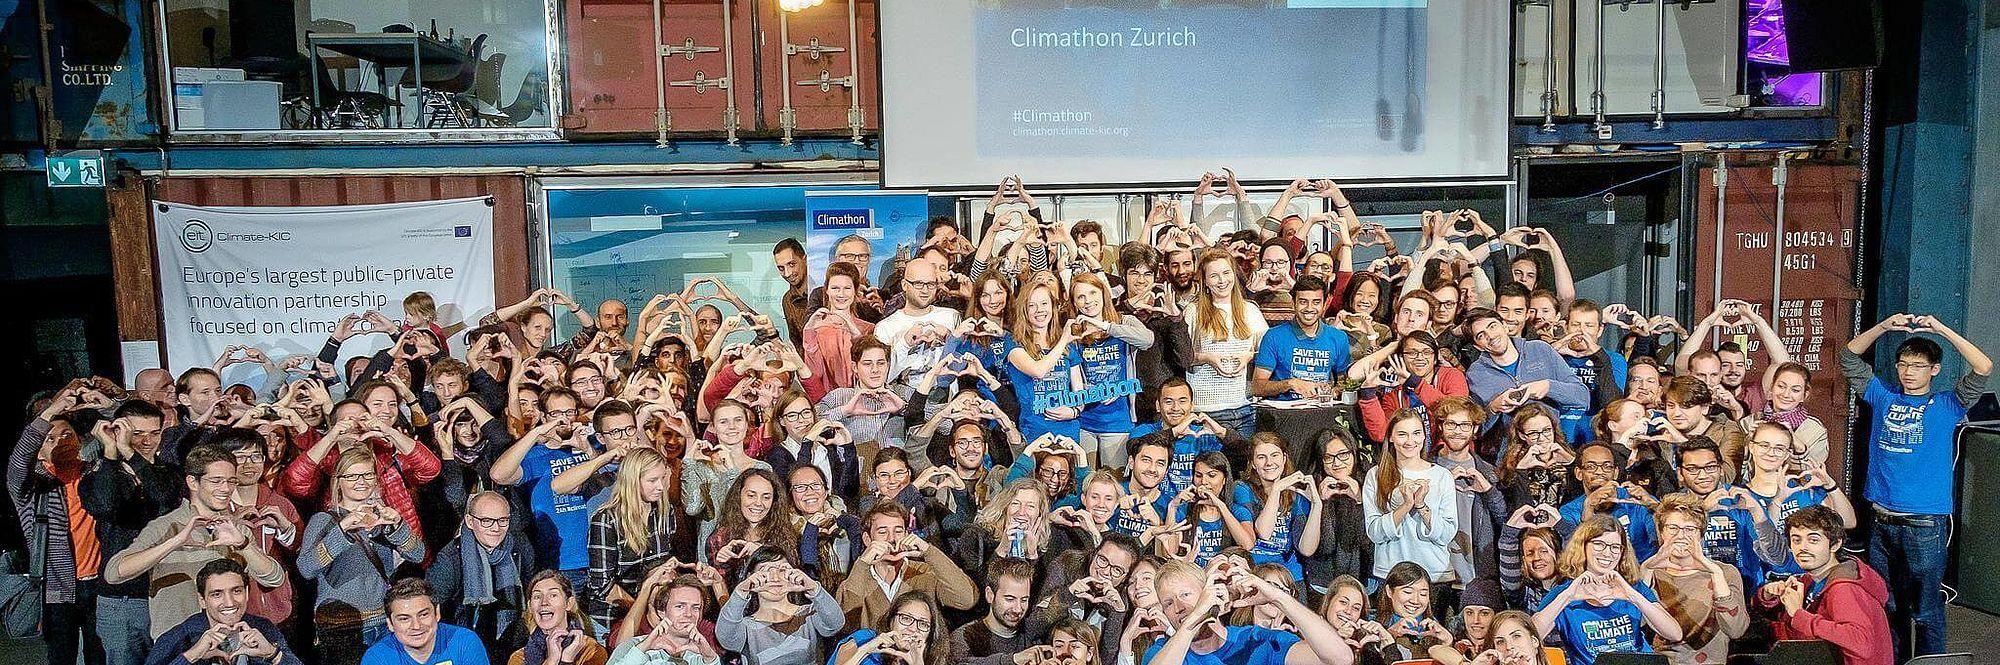 Climathon Zurich